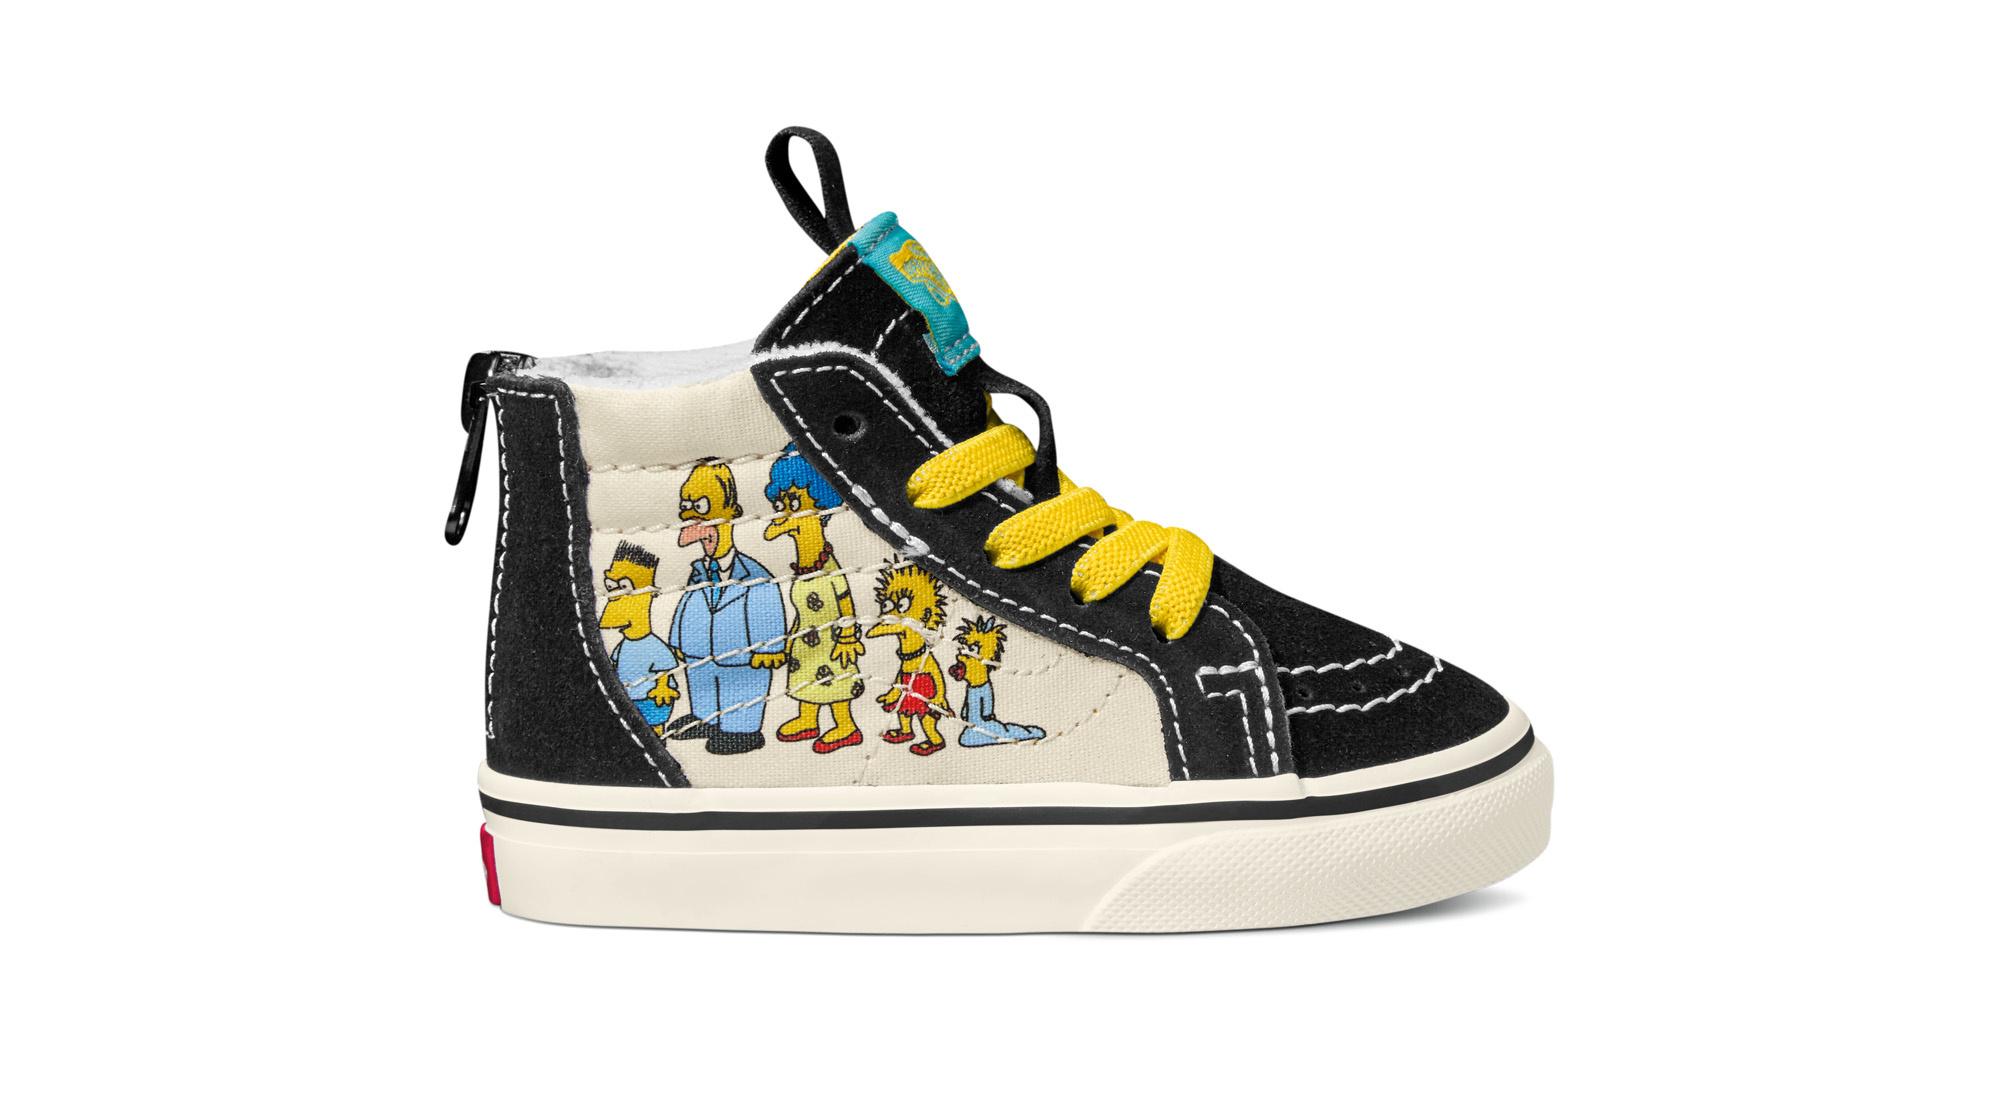 Vans Toddlers Simpsons Sk8-Hi Zip 1987